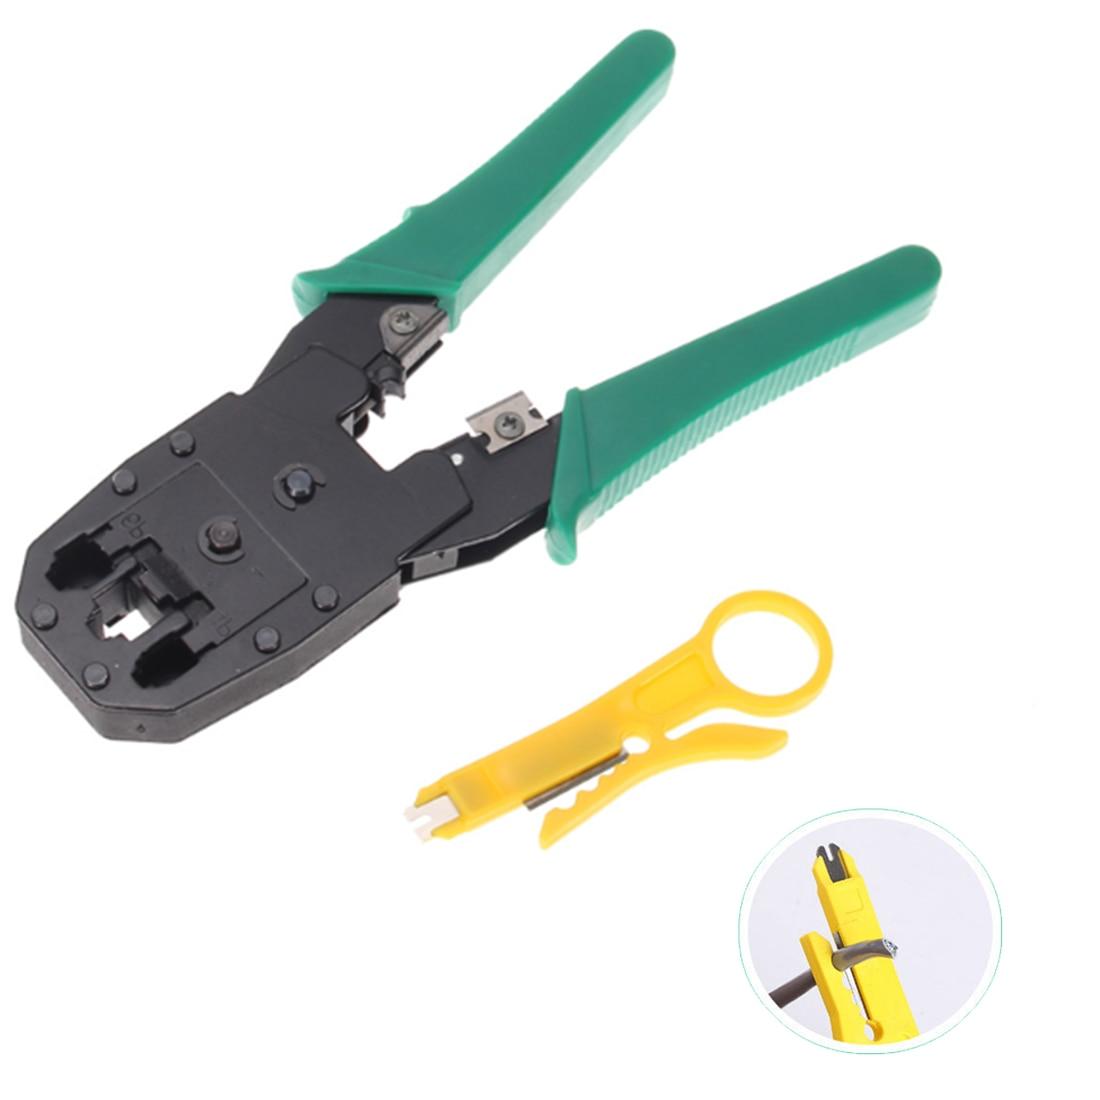 Vernetzung RJ45 RJ11 Draht Kabel Crimper Multi Werkzeug Crimp Für PC/Computer Netzwerk/8P8C/6P6C/4P4 stecker Hand Werkzeuge